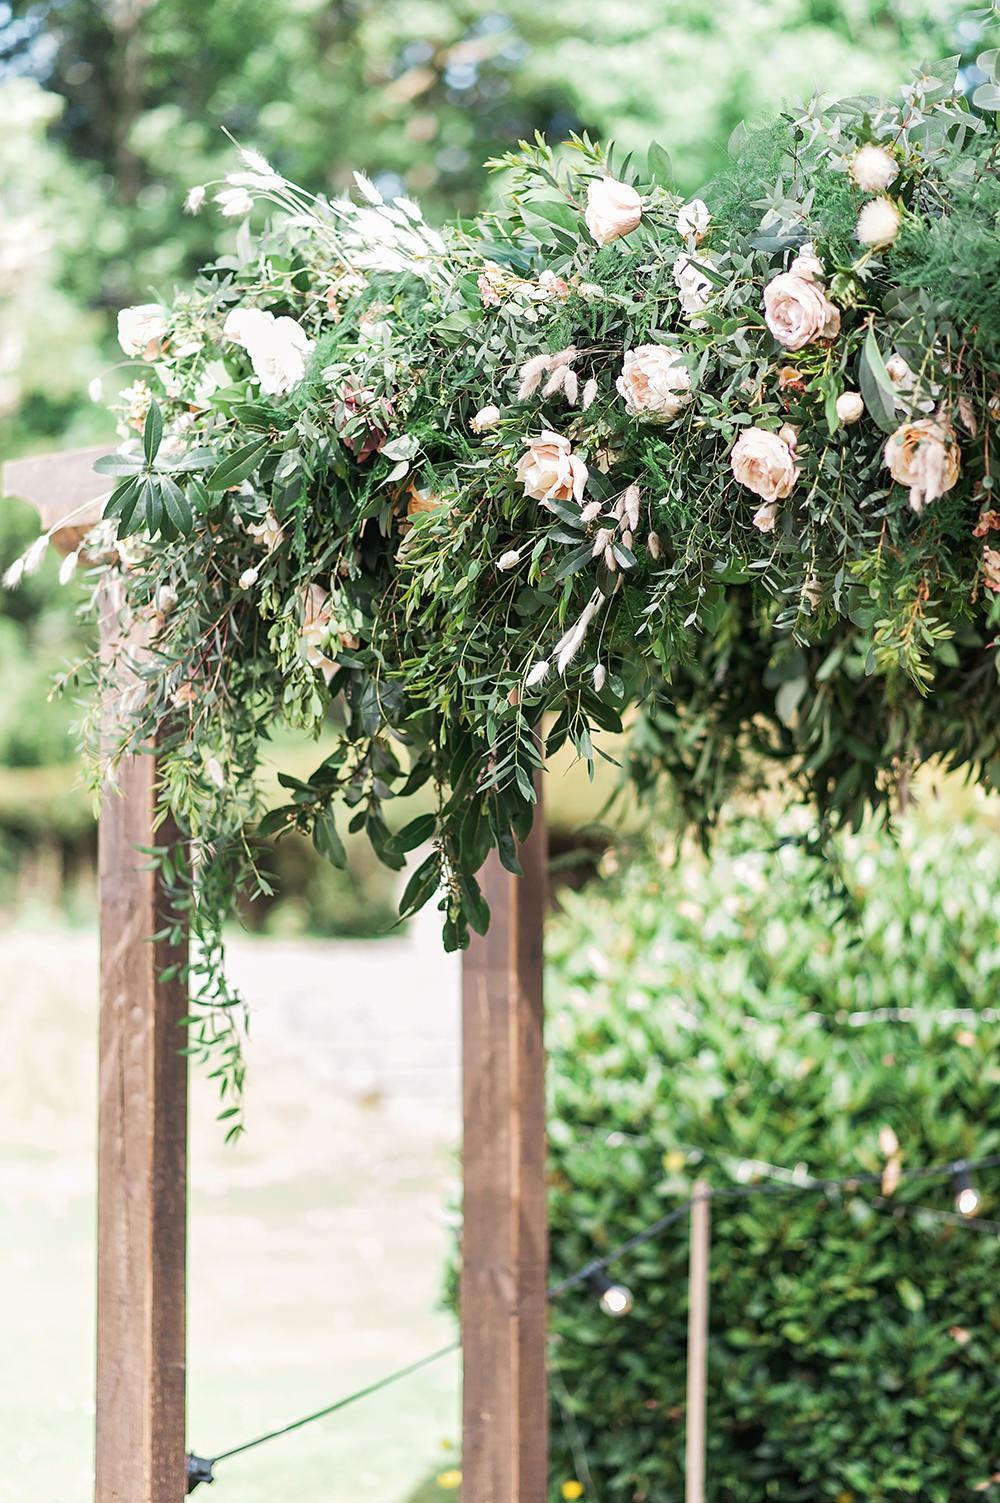 Foliage Pink Rose Archway Backdrop Edmondsham House Wedding Darima Frampton Photography